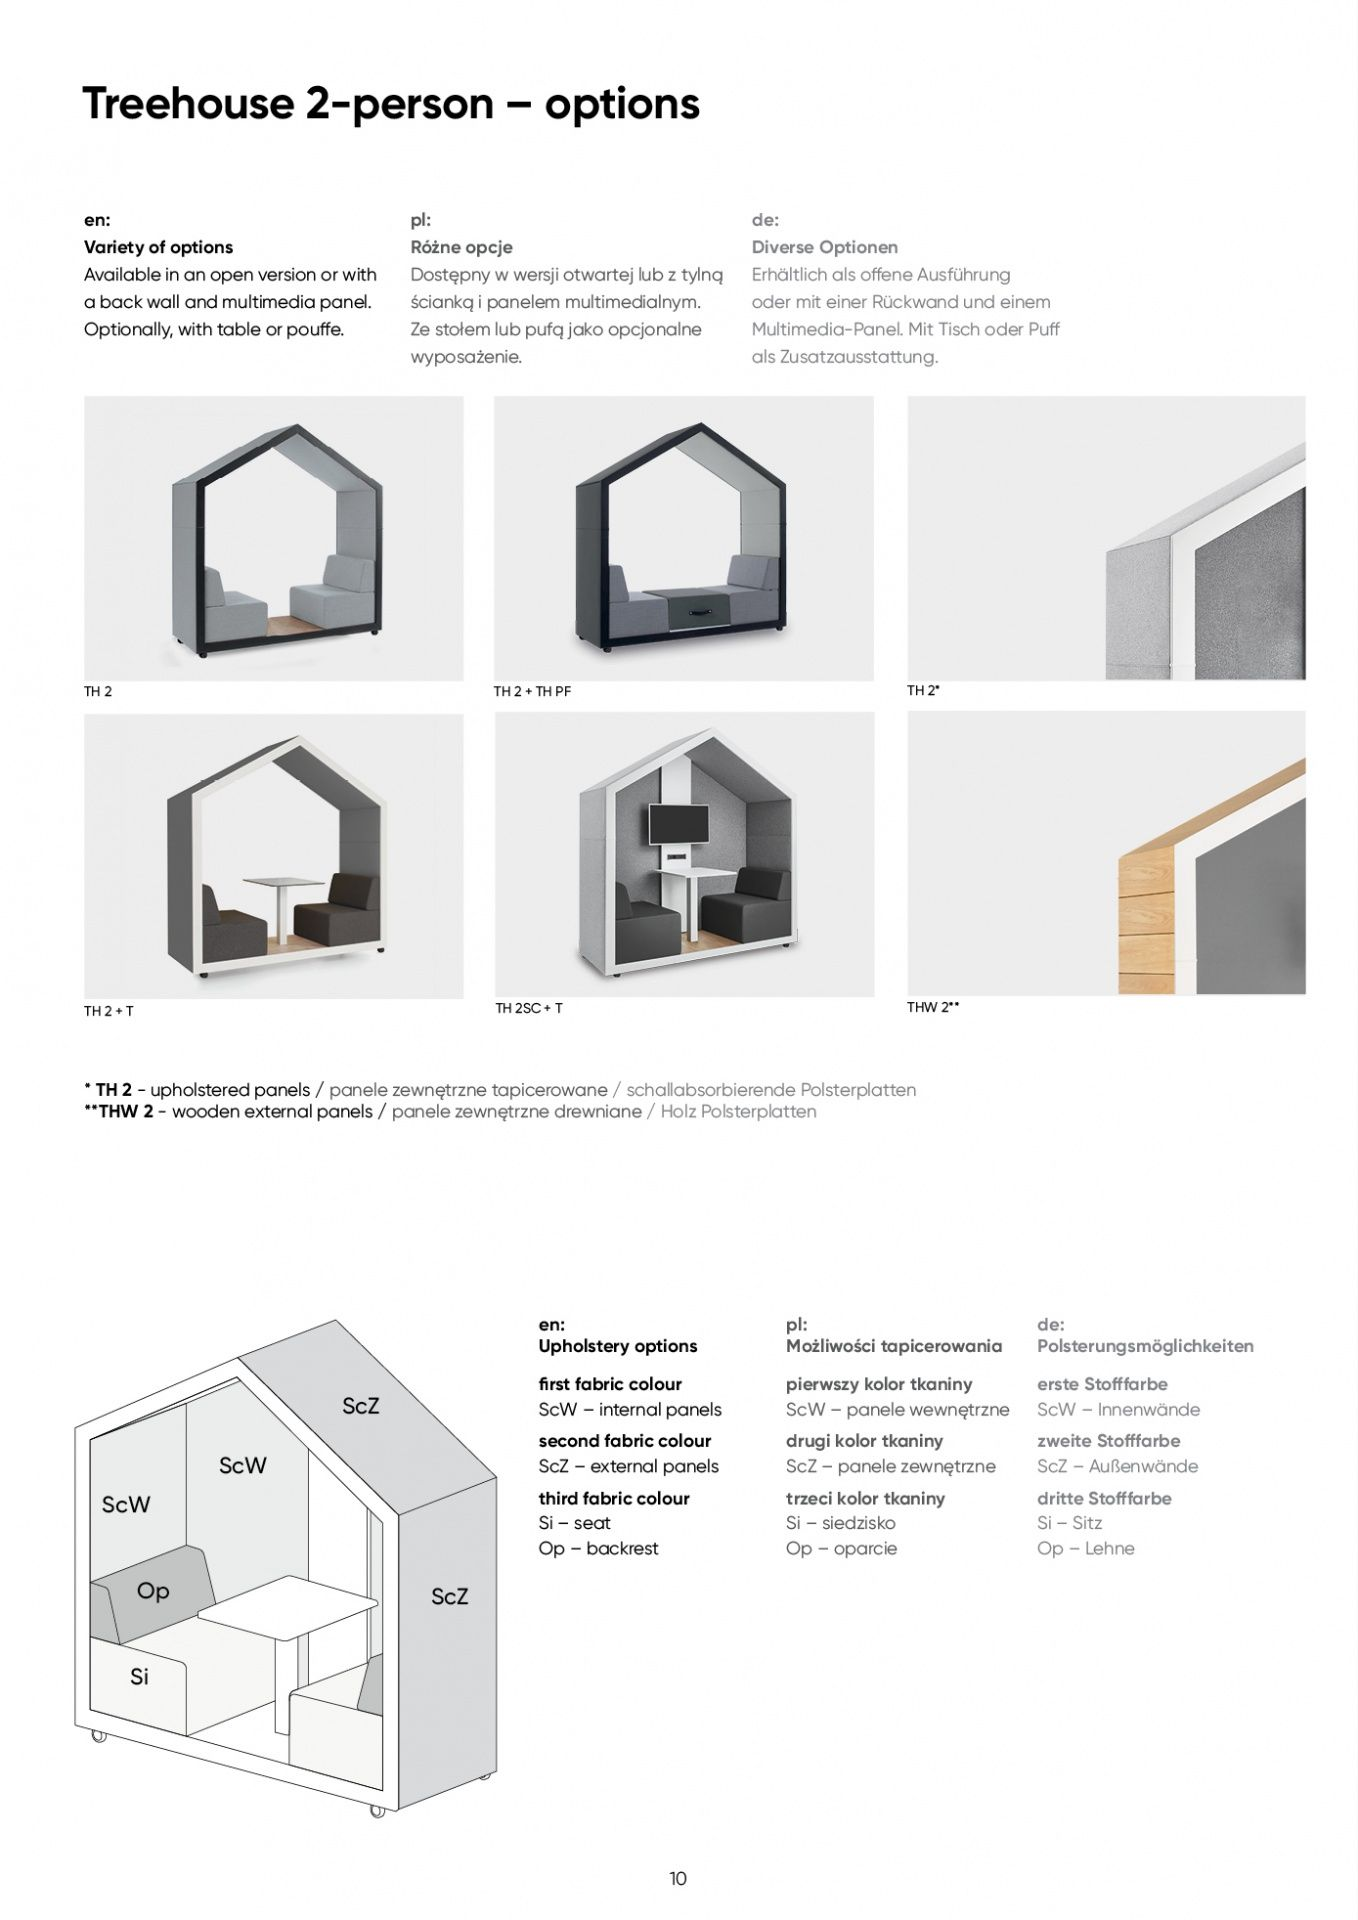 treehouse-catalogue-v2-10.jpg